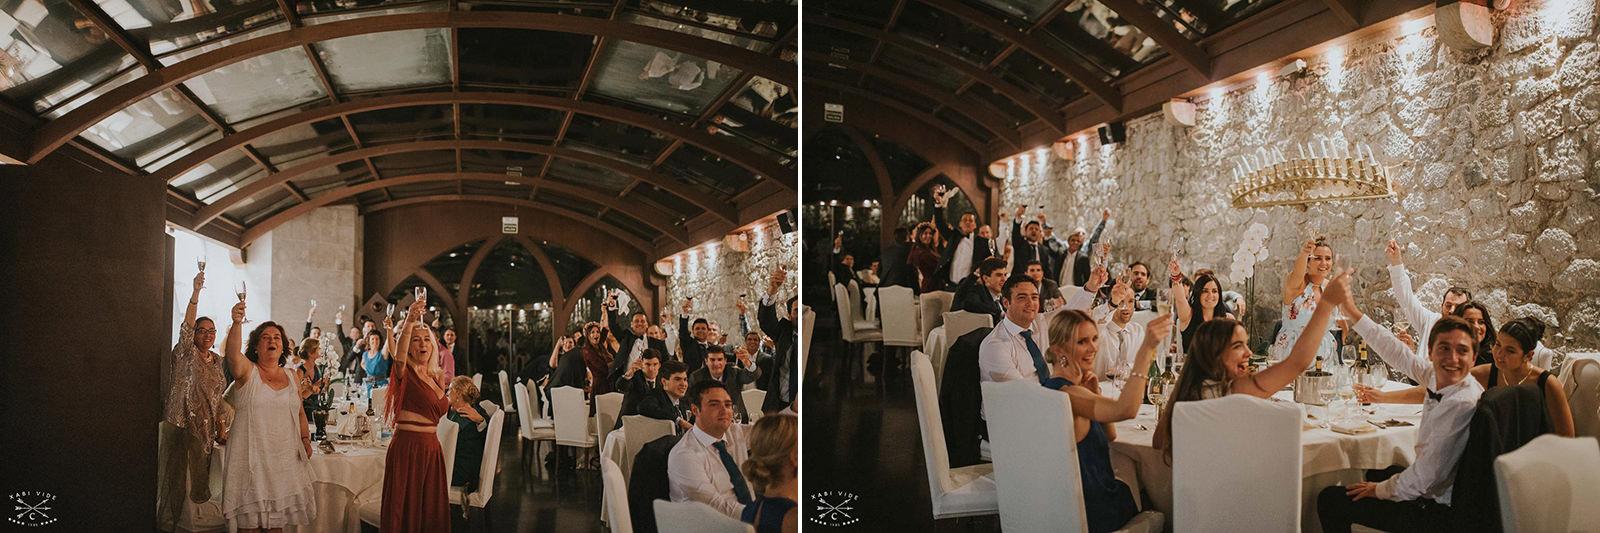 castillo arteaga bodas-132